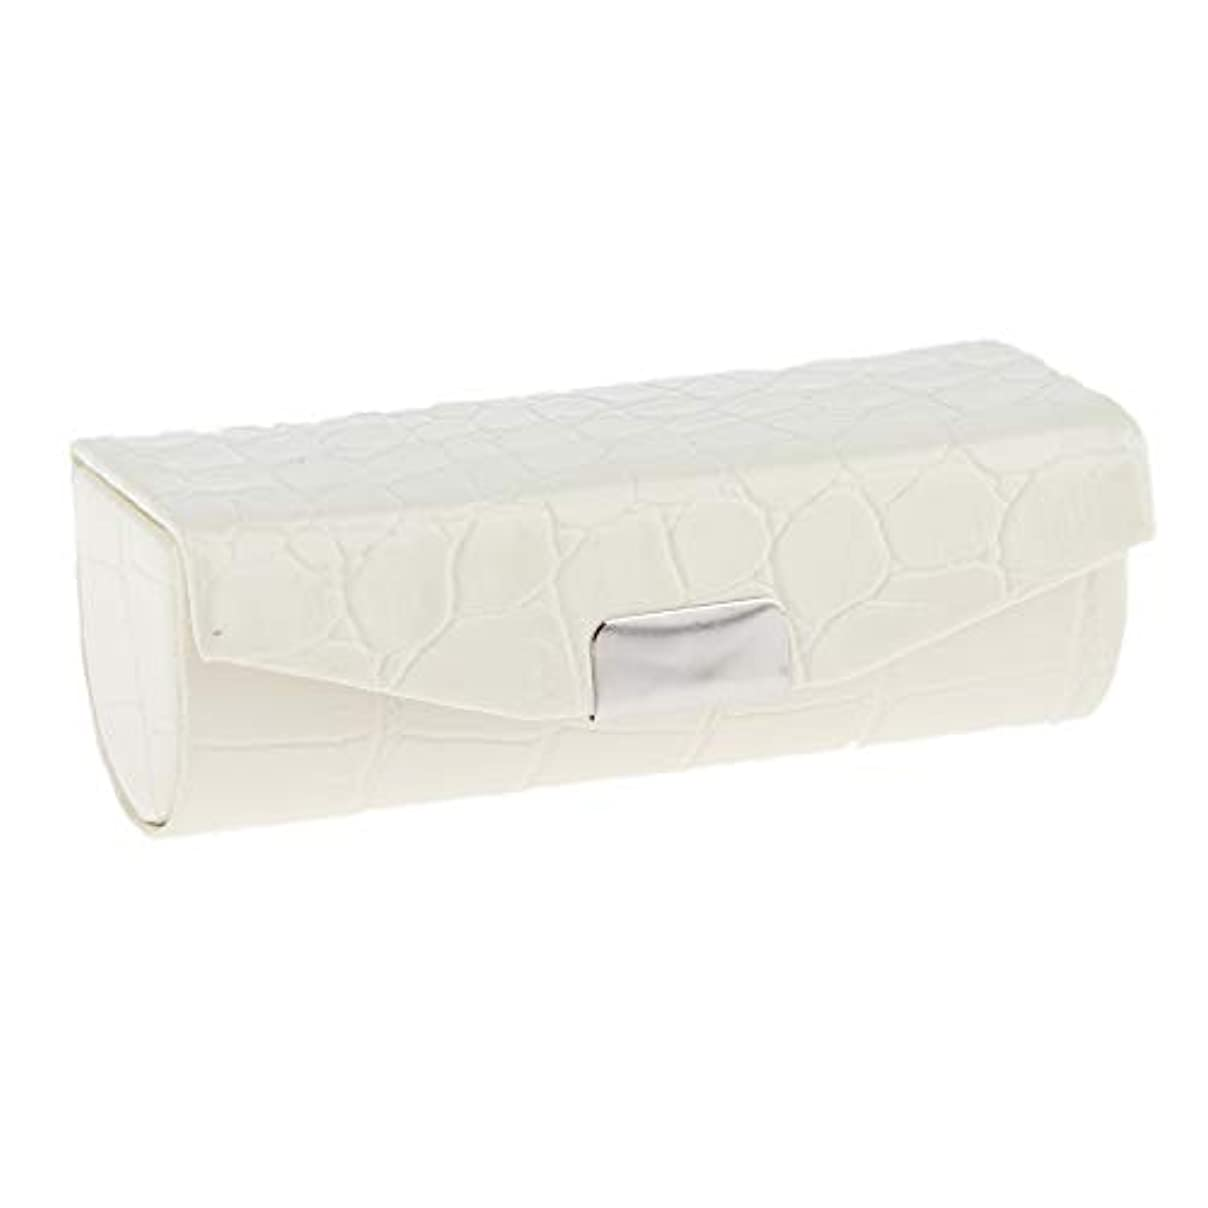 レジデンス潮踏みつけSharplace 口紅ケース 小物収納ケース プレゼント ミラー付き 多色選べ - 白